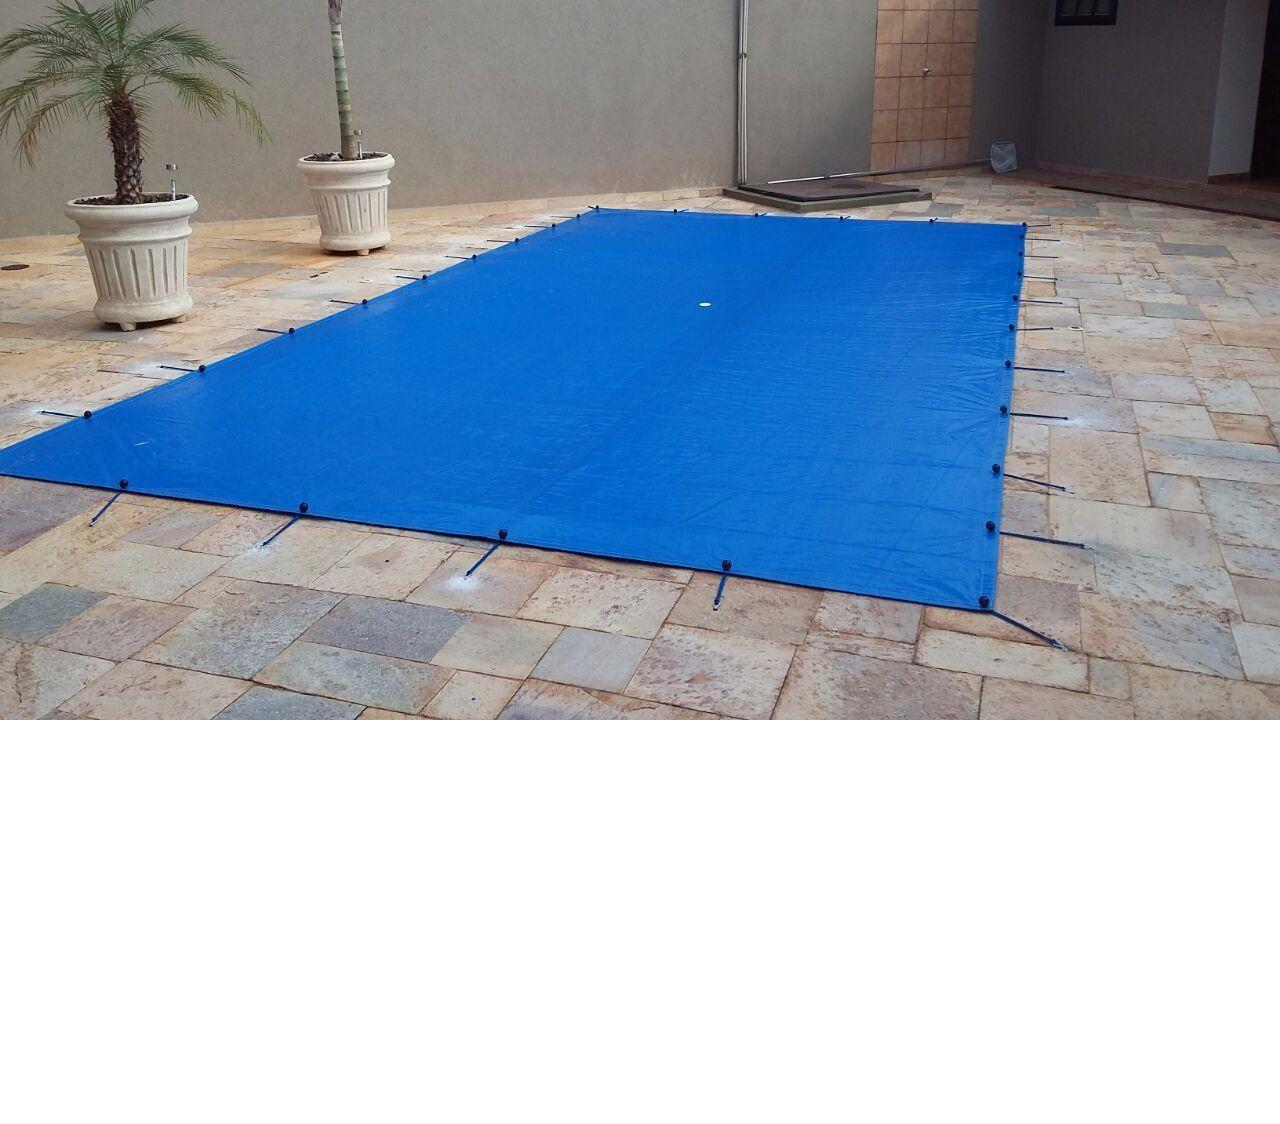 Capa para Piscina SL 500 Azul Completa com Acessórios Pinos e Extensores 3x2 m